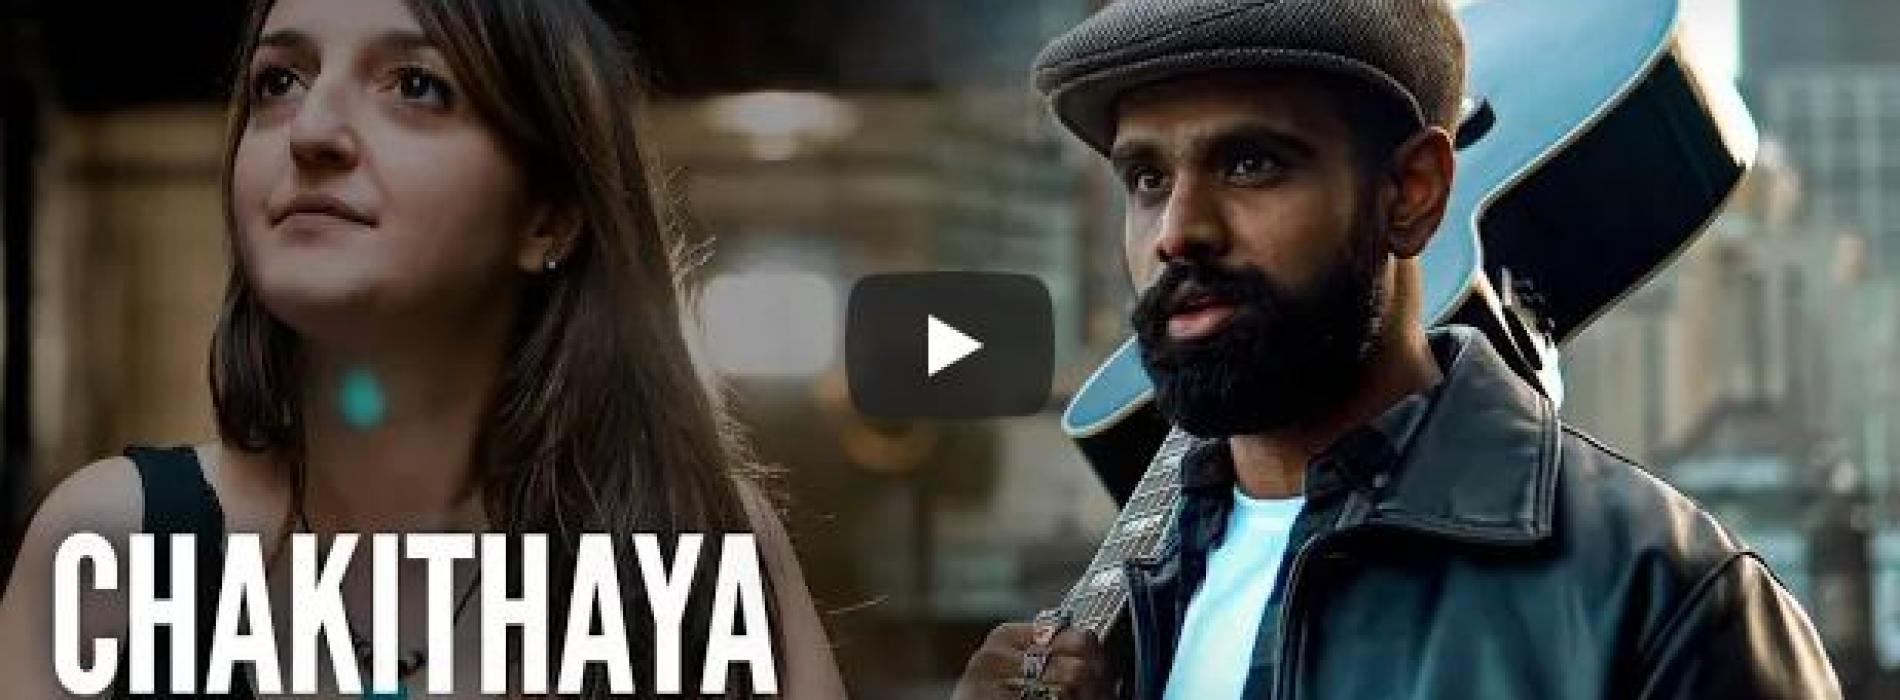 New Music : Mihindu Ariyaratne – චකිතය | Chakithaya (Acoustic) | Music Video